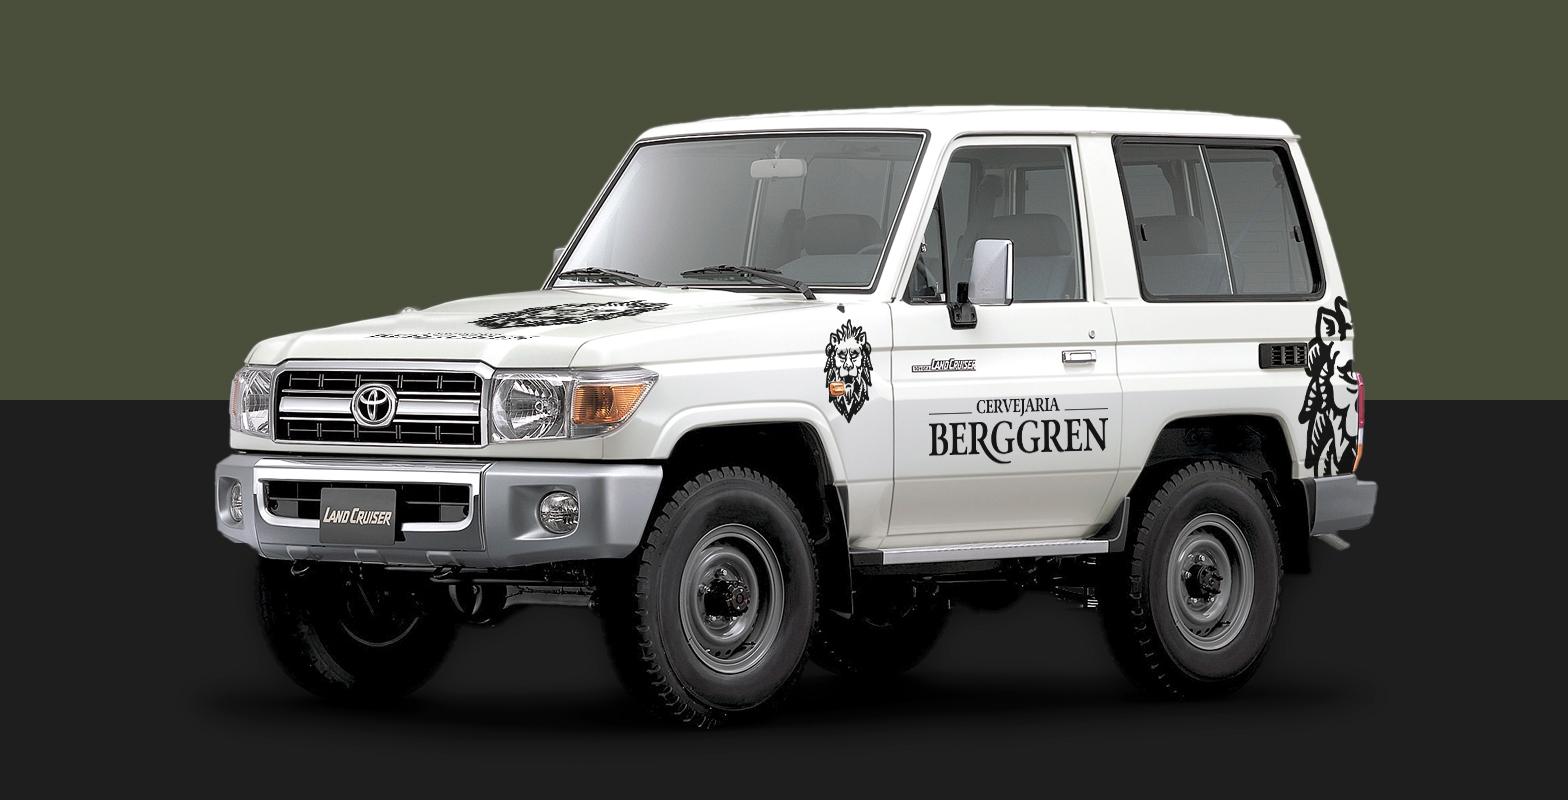 Berggren Bier - Identidade visual e Branding (12)